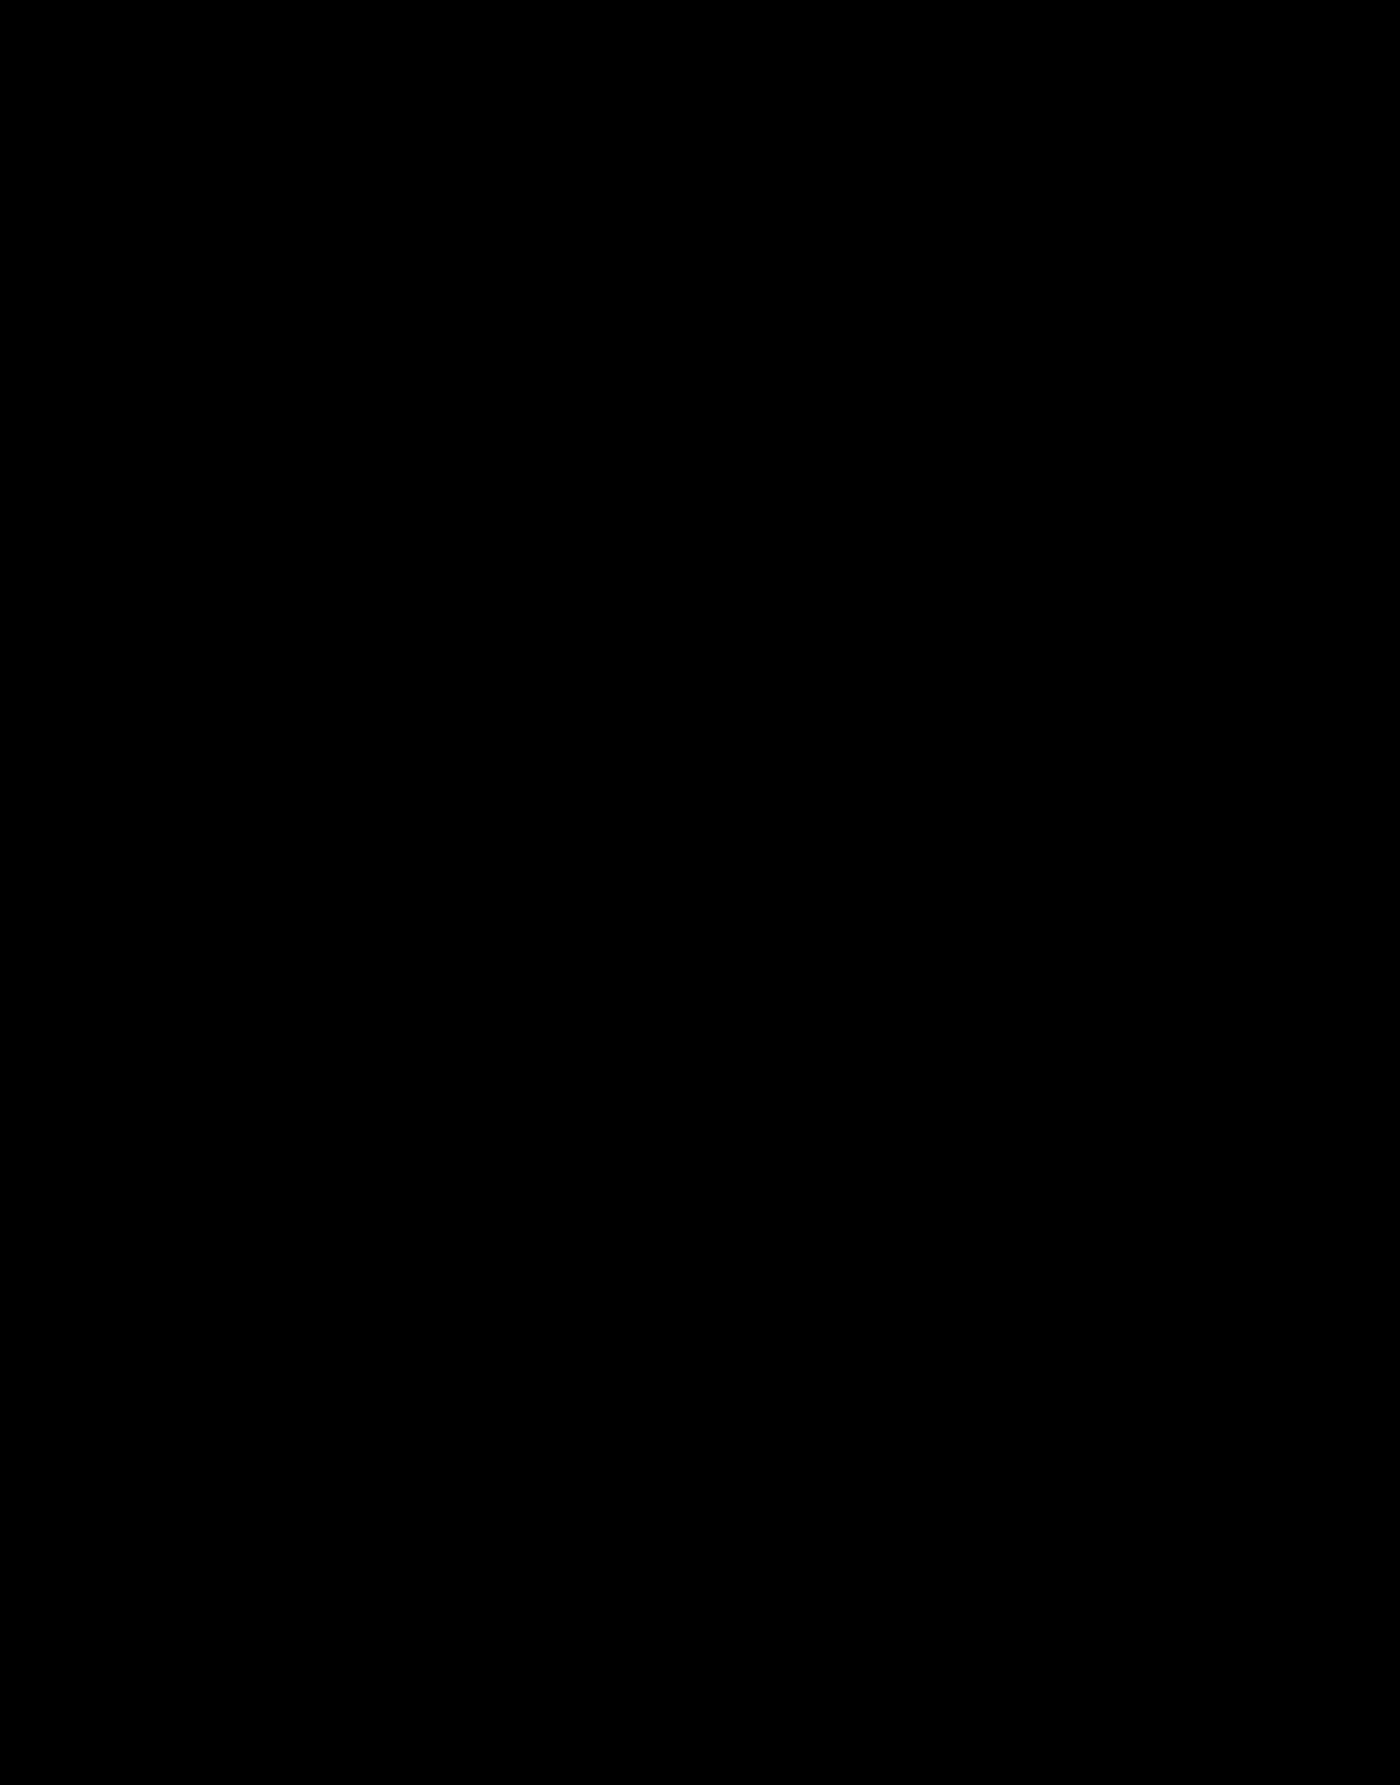 bauhaus-flachdach-grundriss-og